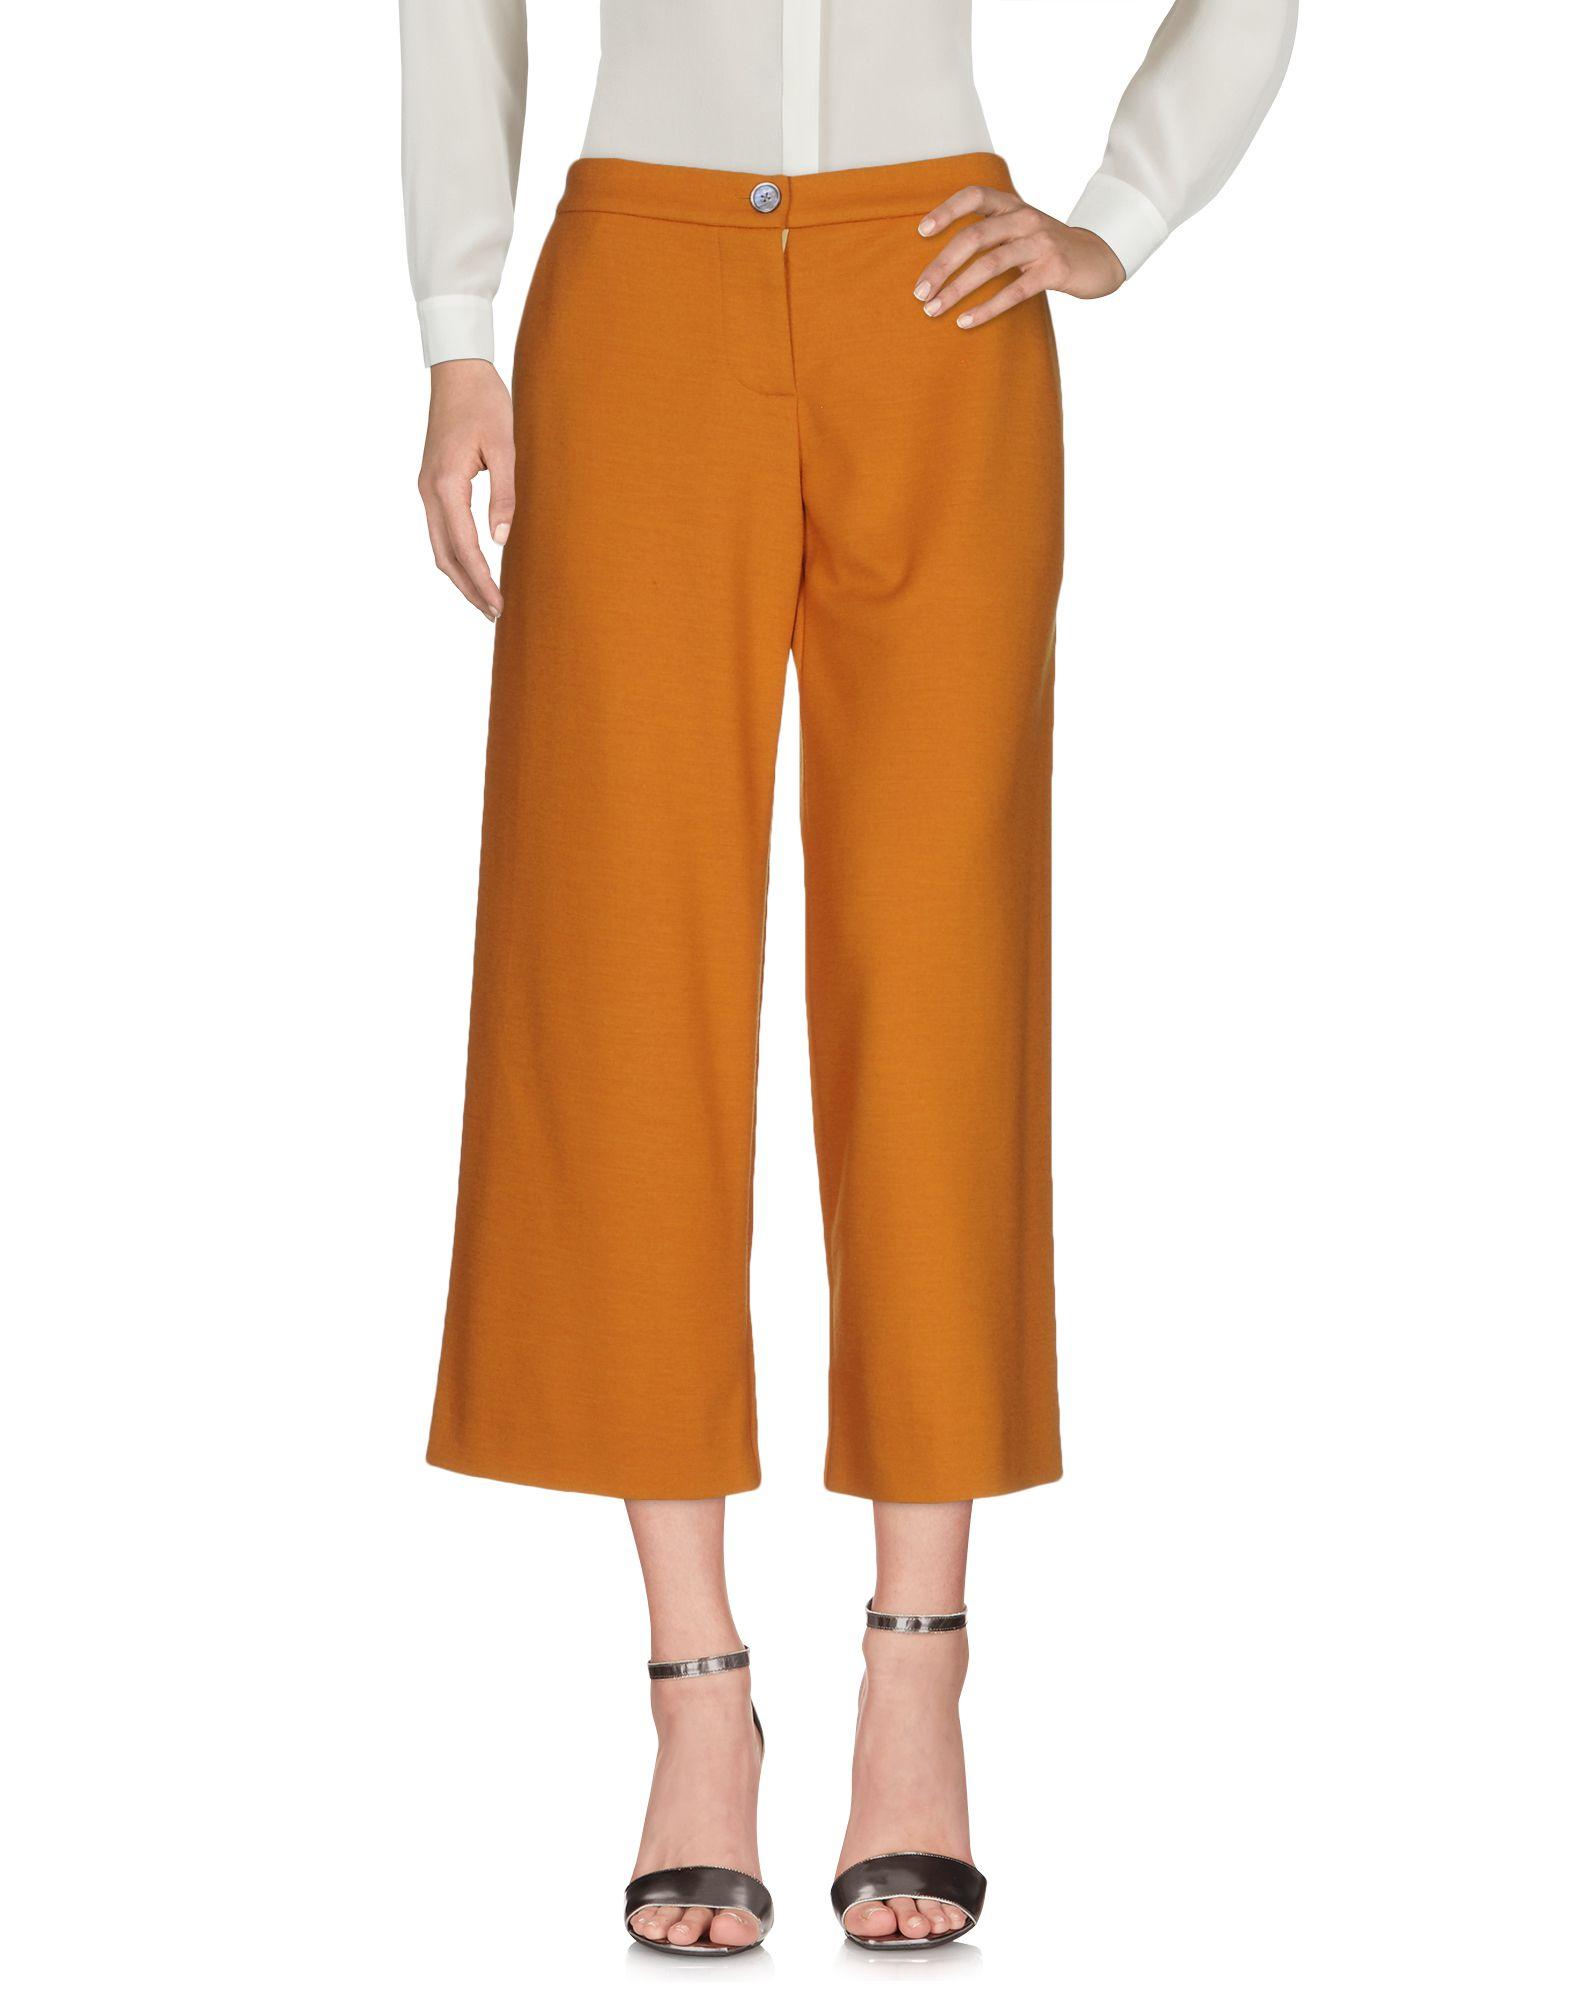 Pantalone La Prestic Ouiston Donna - Acquista online su jKNNU7p